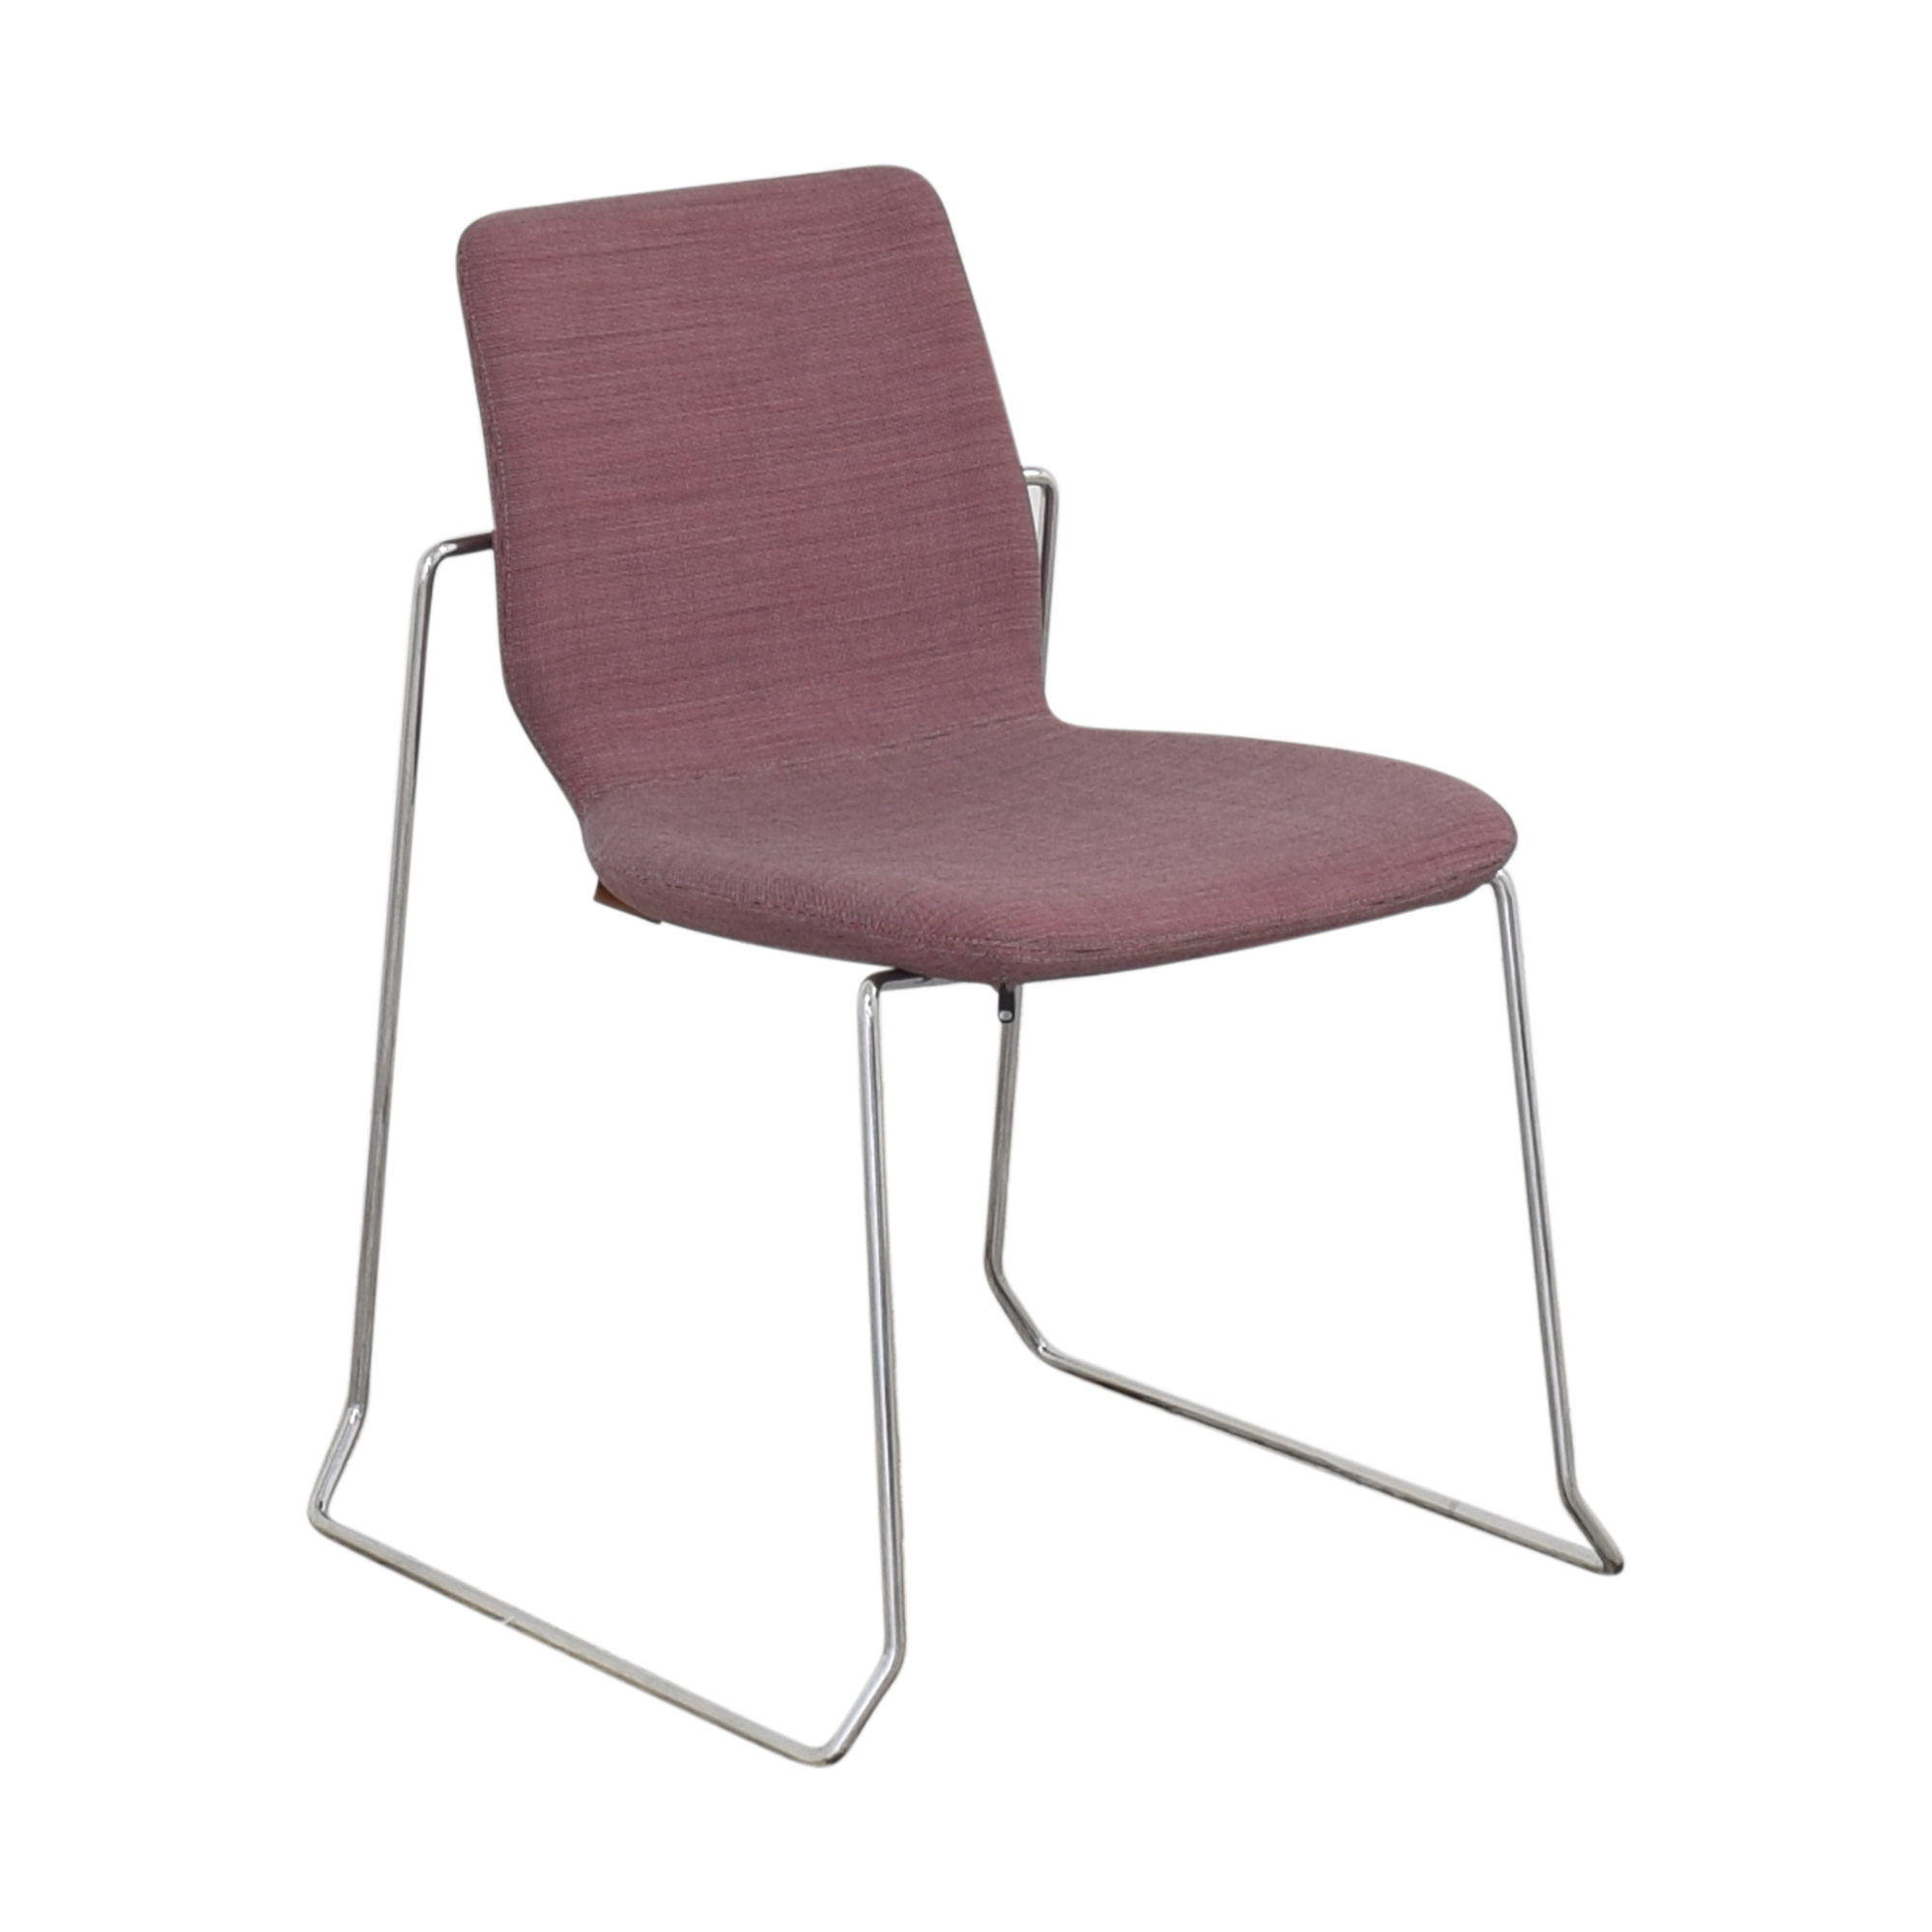 Koleksiyon Koleksiyon Asanda Armless Chair second hand